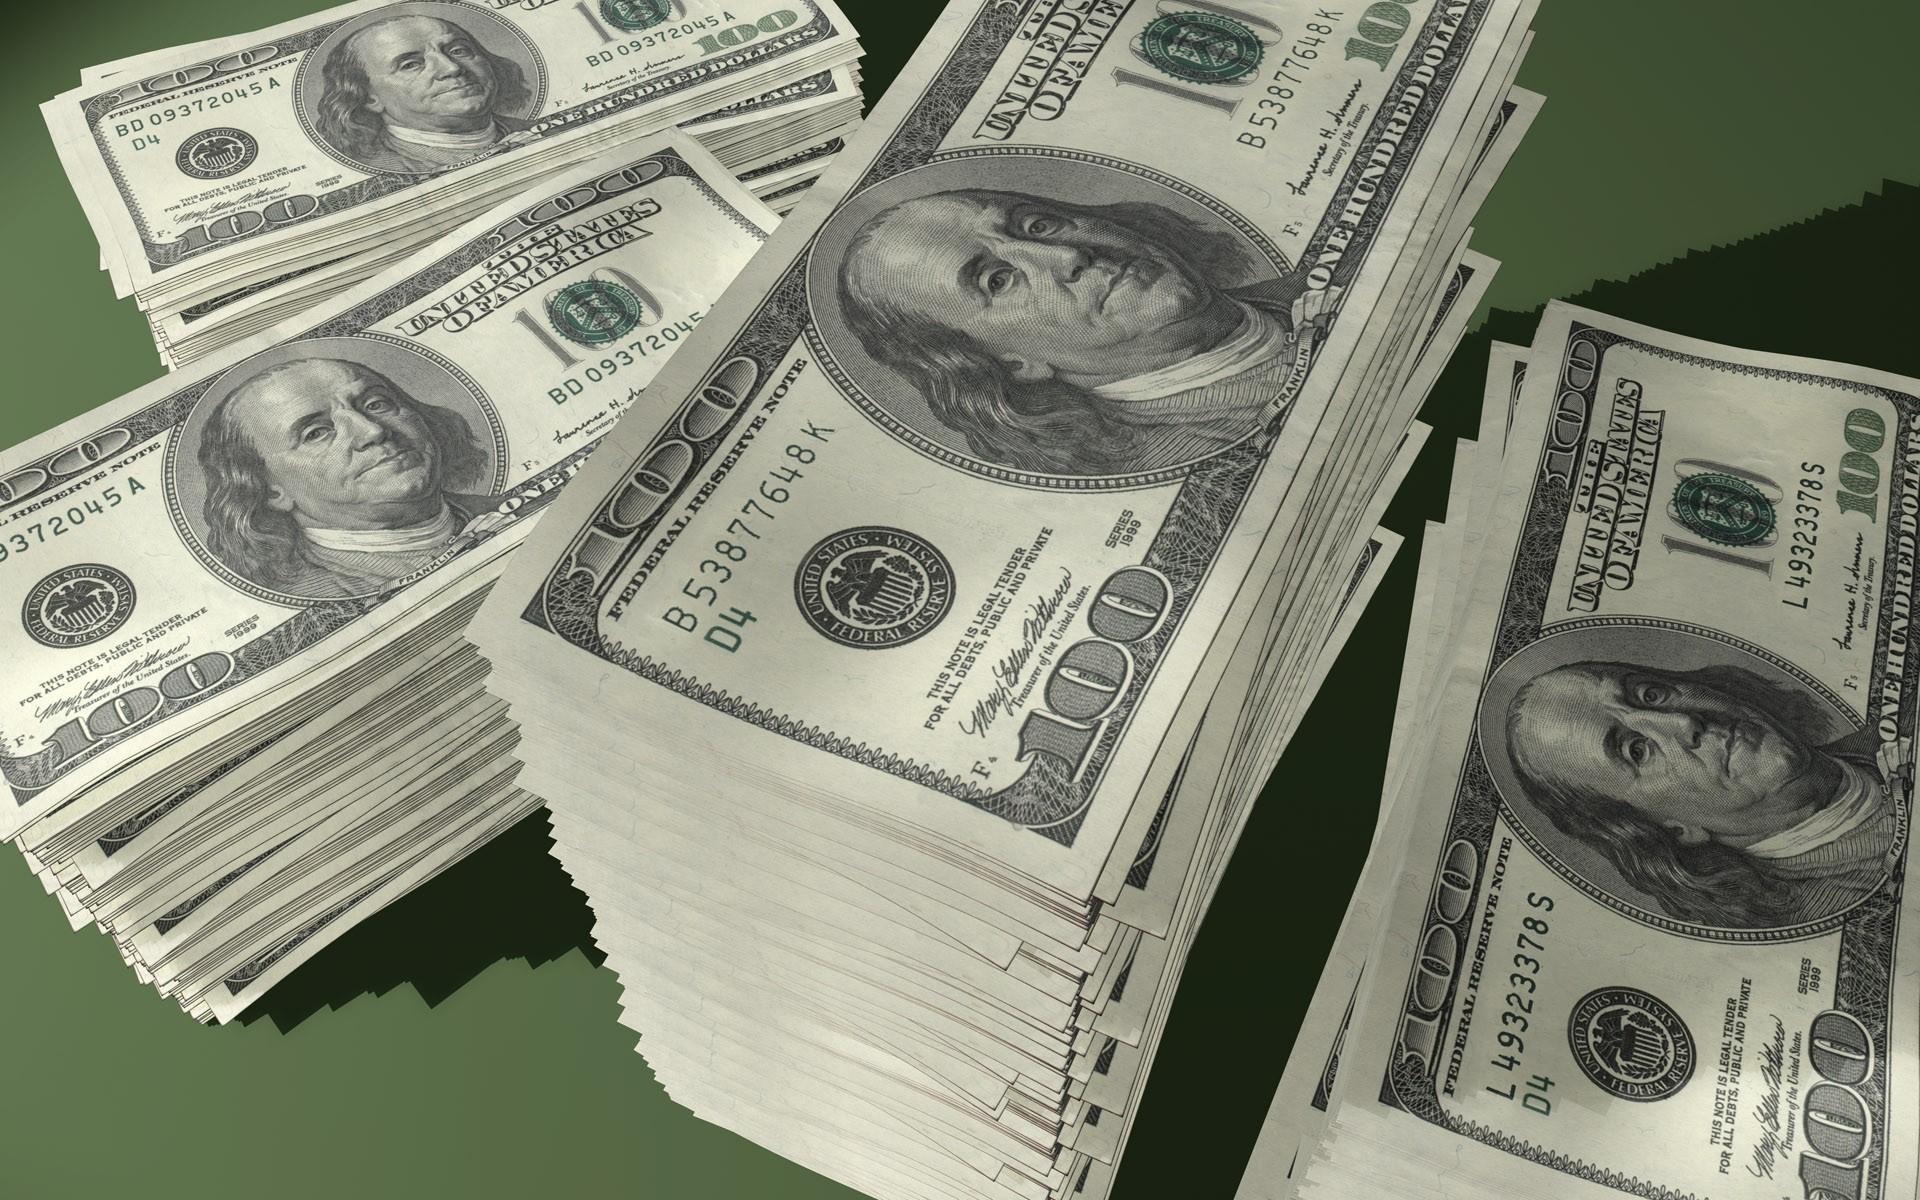 مجلس الشيوخ يعلن بدء مداولات تمرير حزمة الـ 2.3 تريليون في هذا الوقت